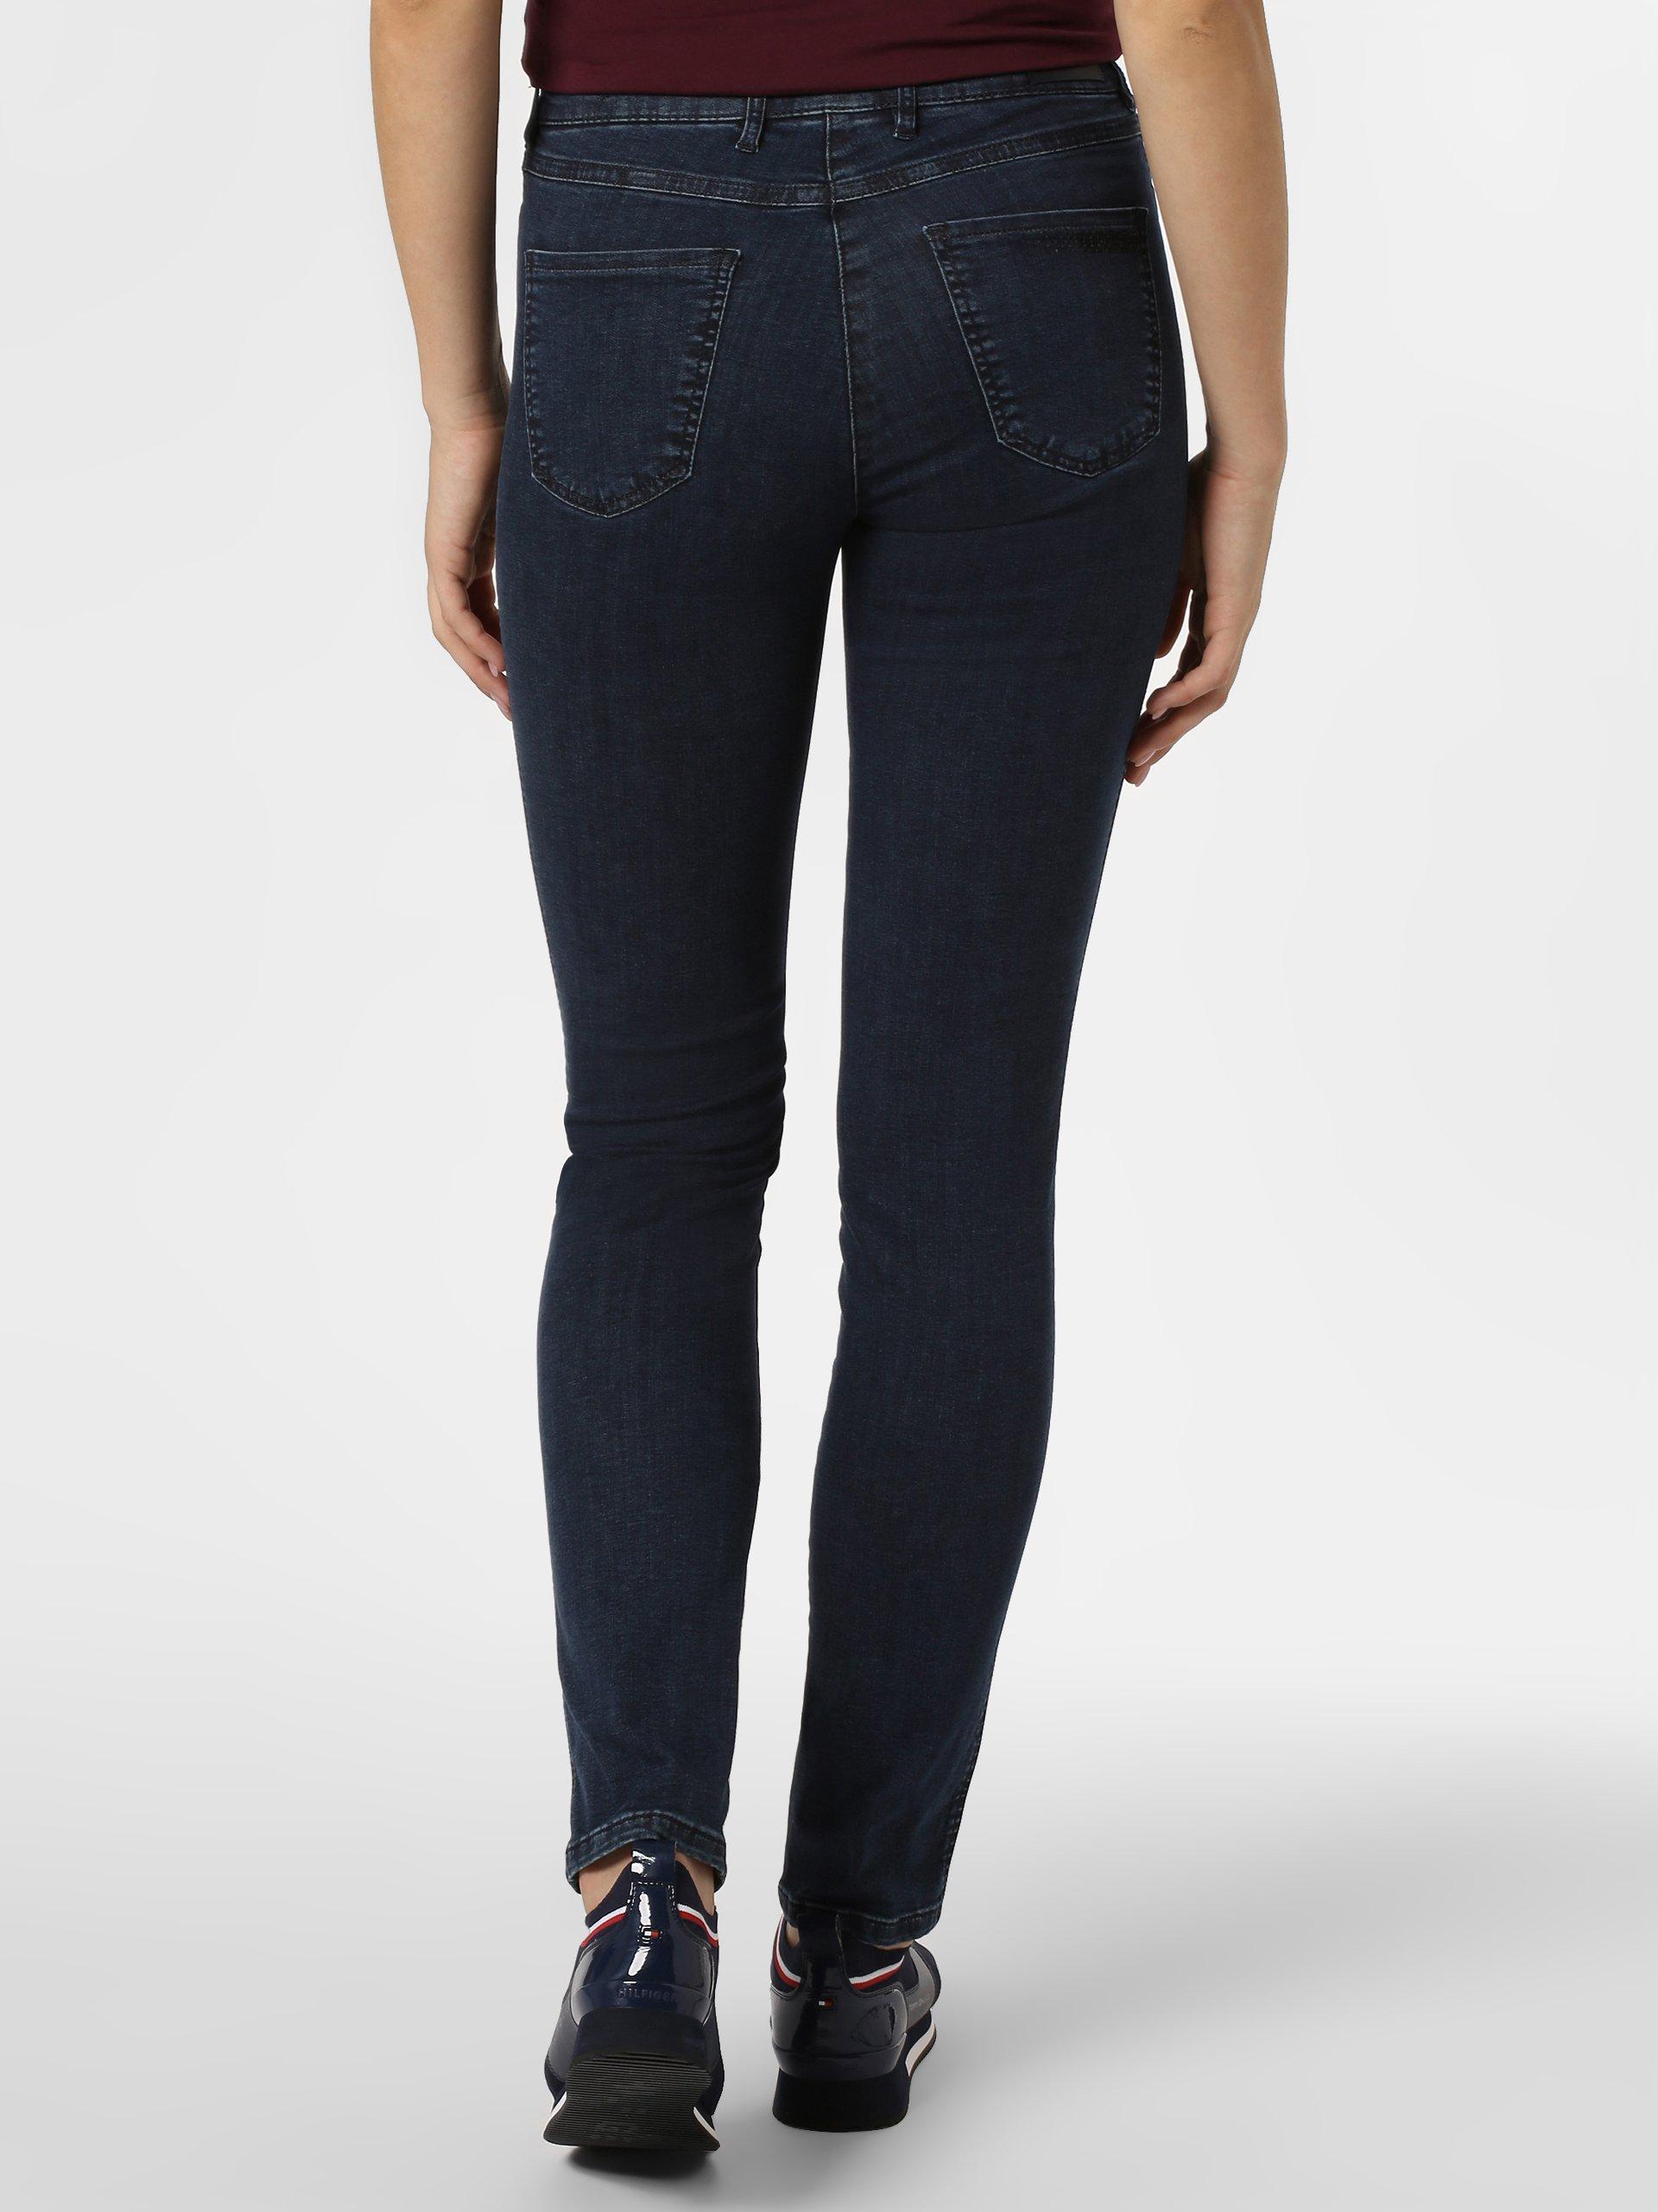 TONI Damen Jeans